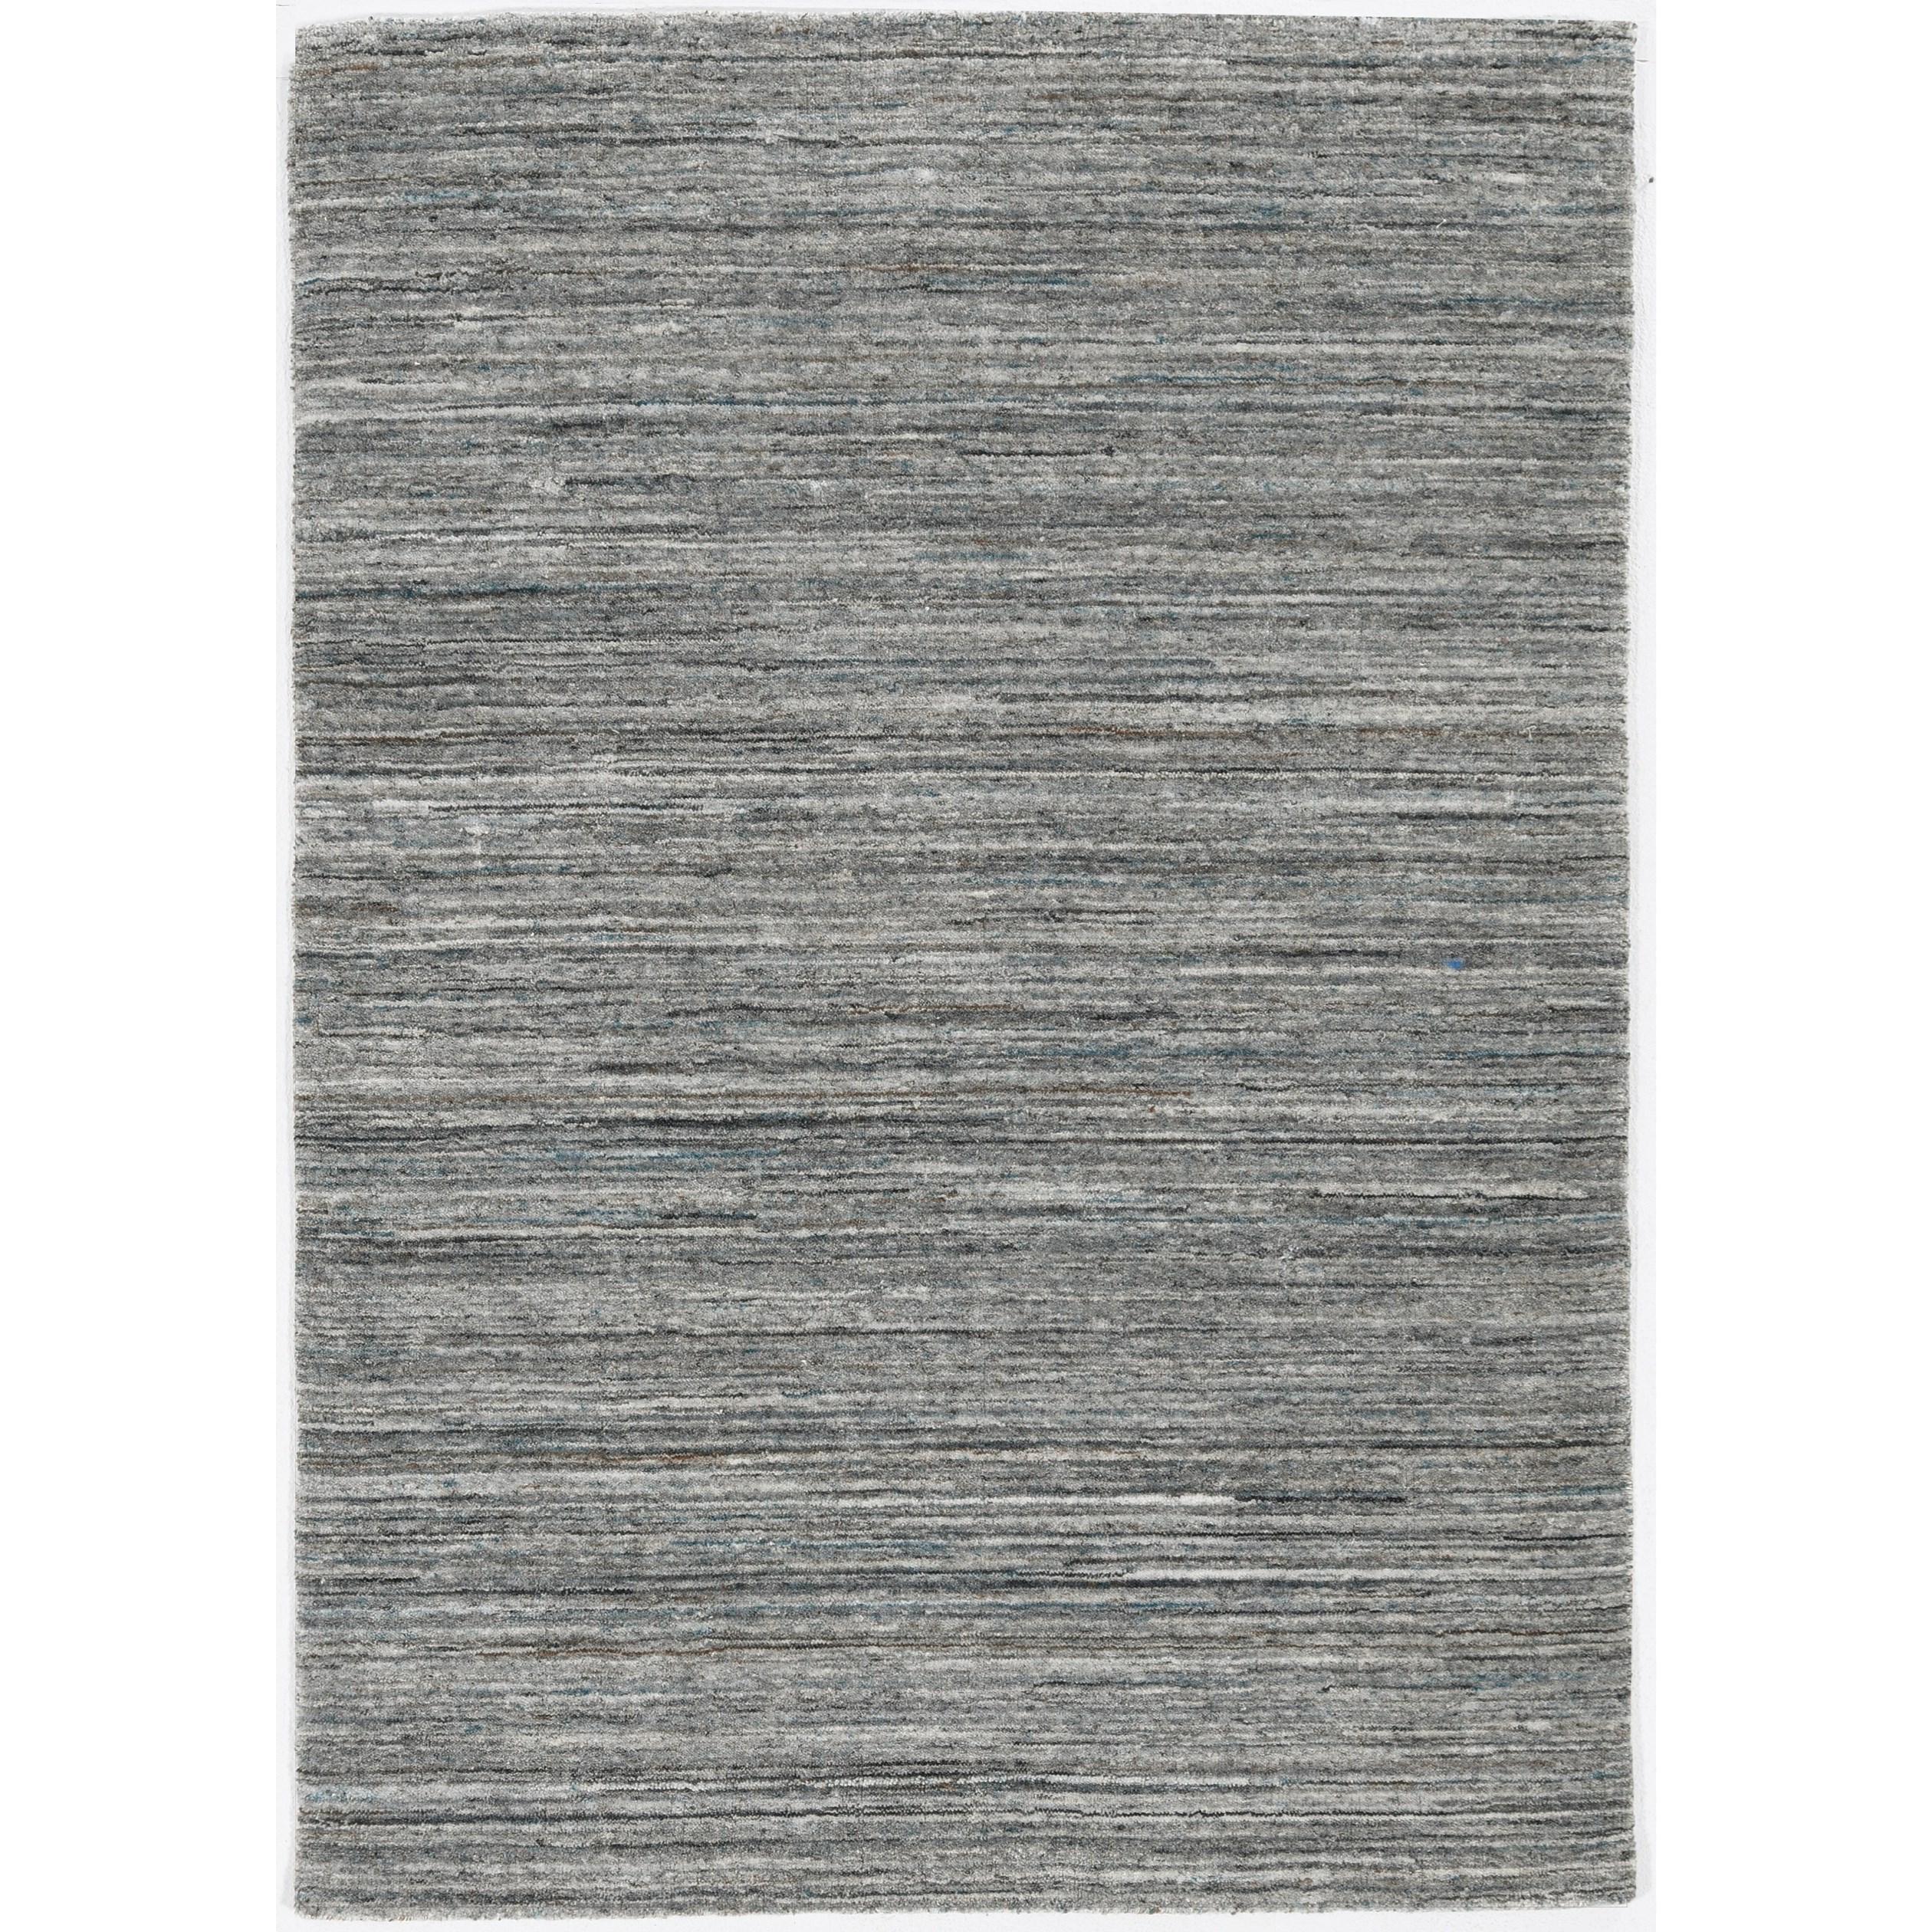 Dune 9' x 12' Grey Landscape Rug by Kas at Darvin Furniture